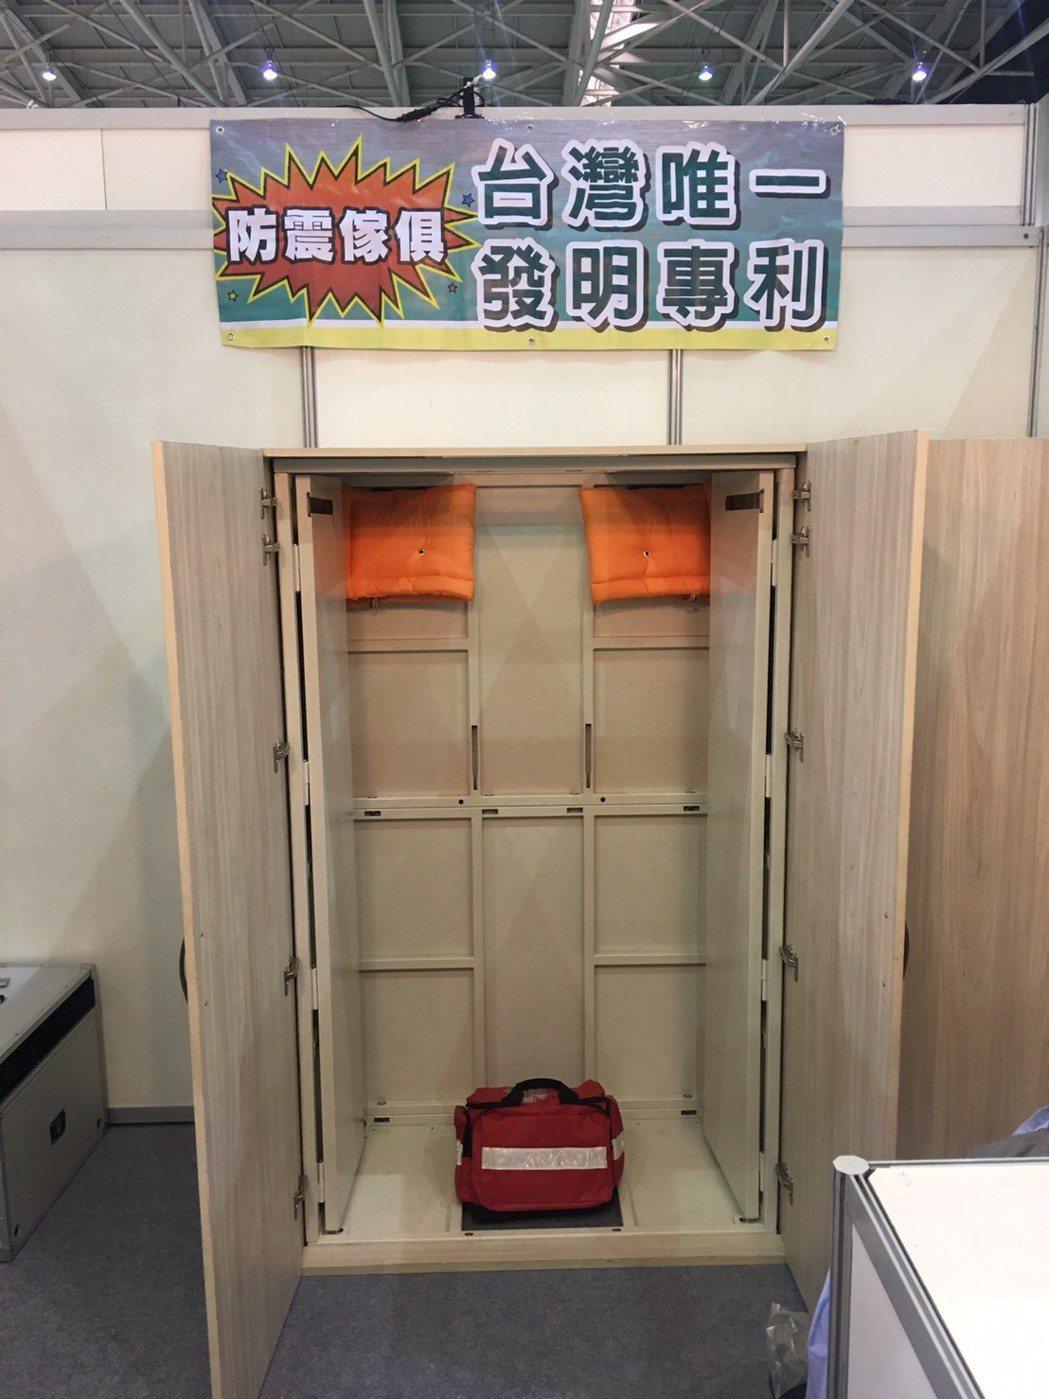 地震避難安全櫃。 立駪科技/提供